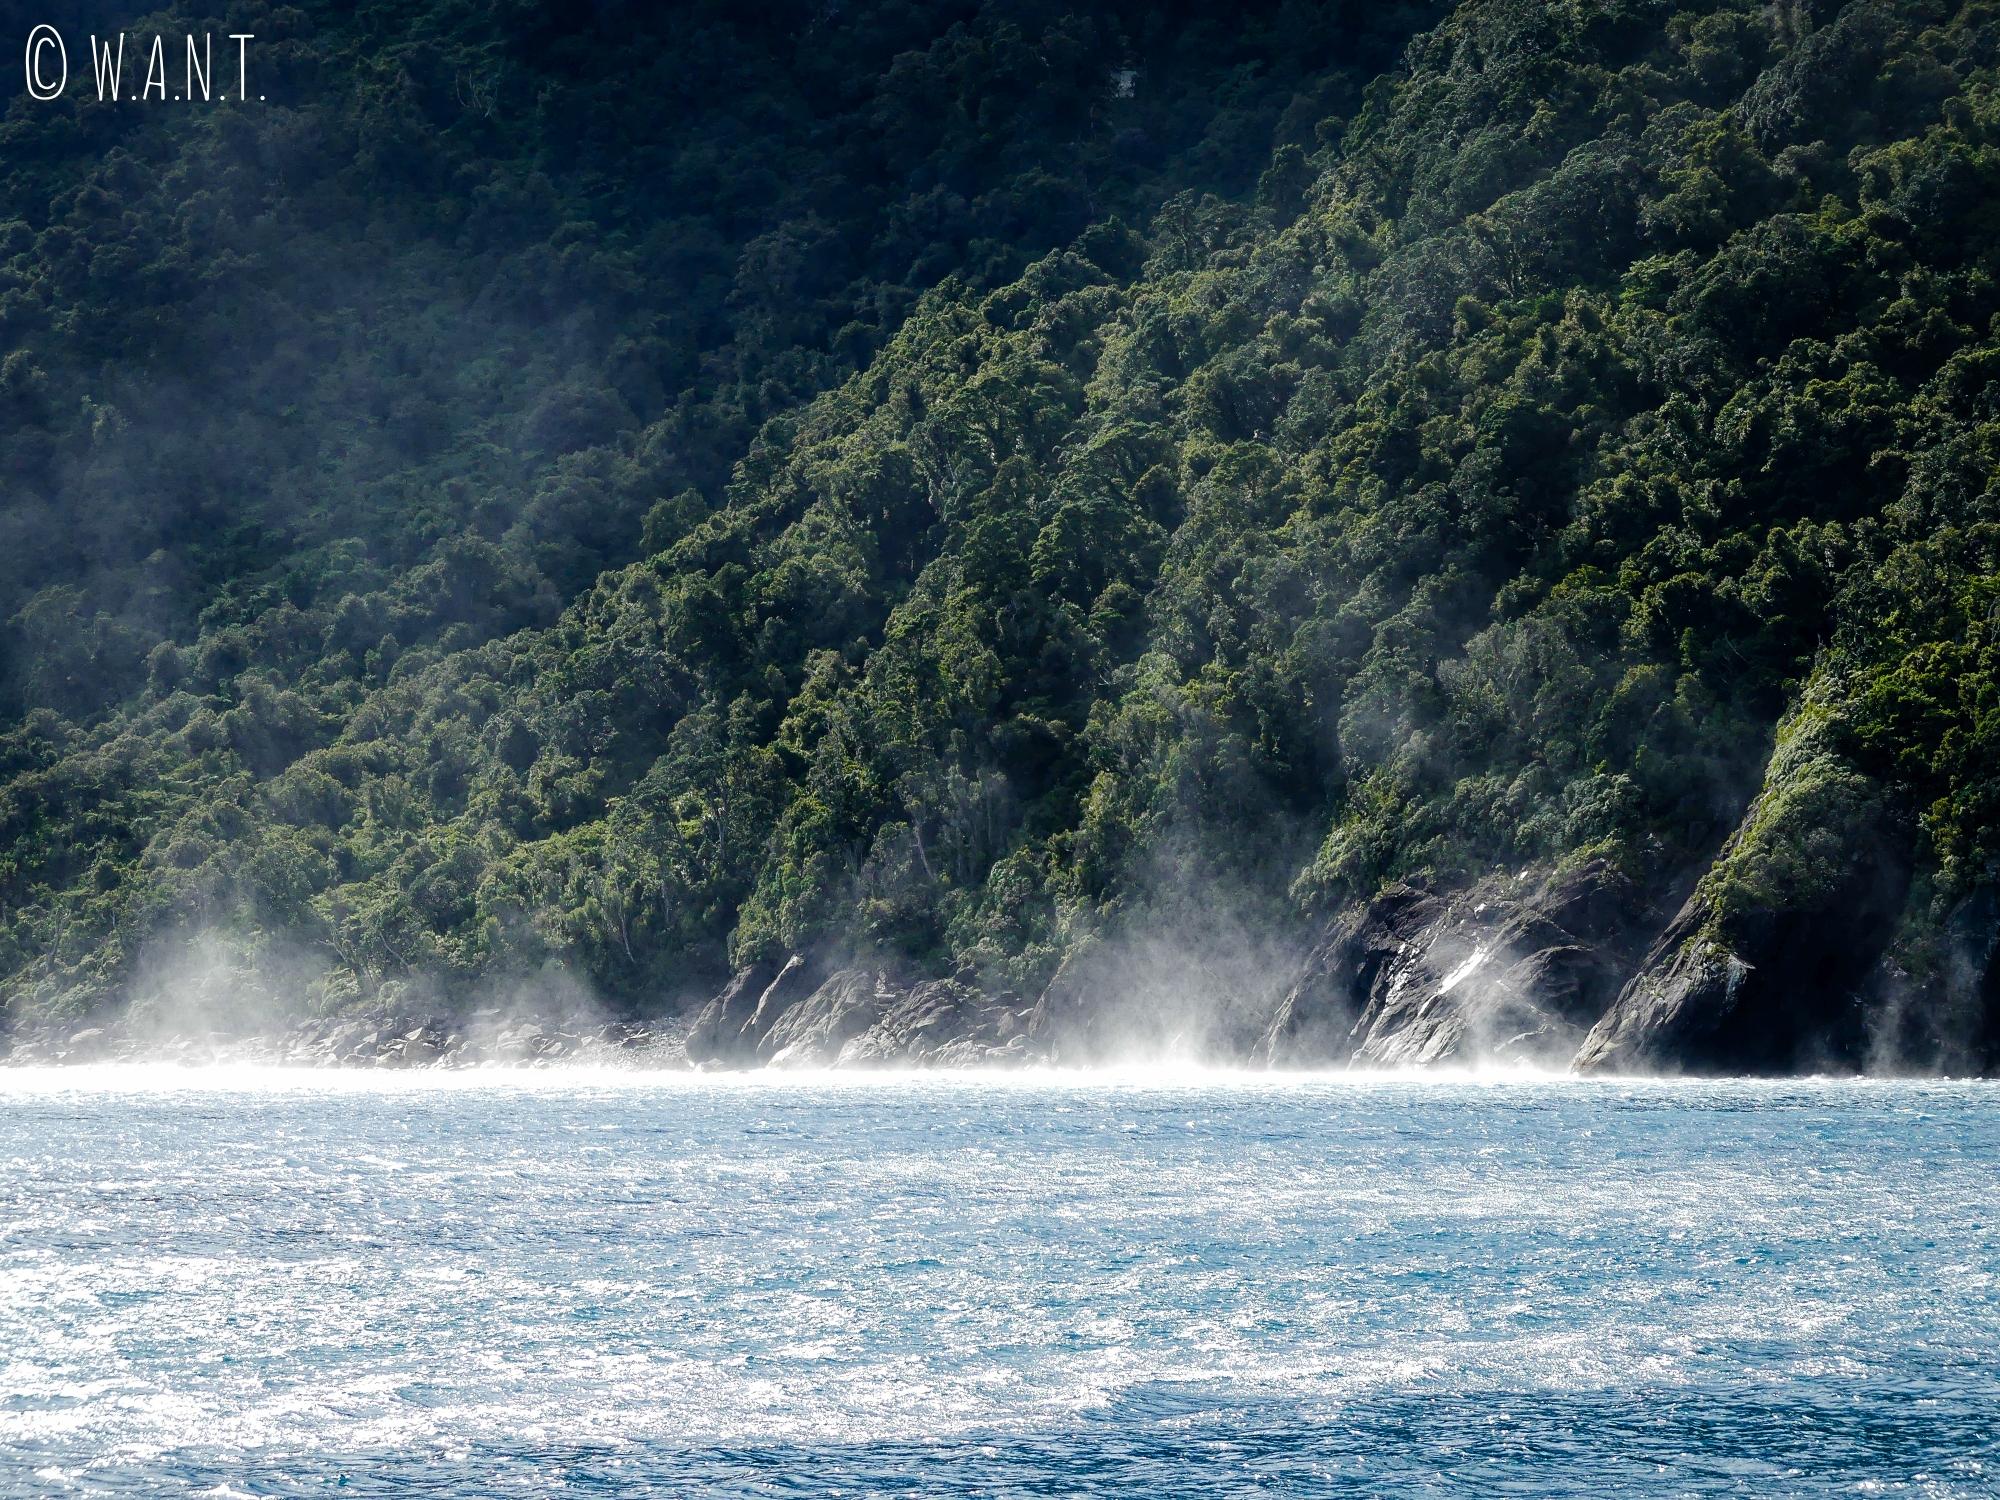 Nous observons des tourbillons d'eau sur la mer de Tasman en Nouvelle-Zélande